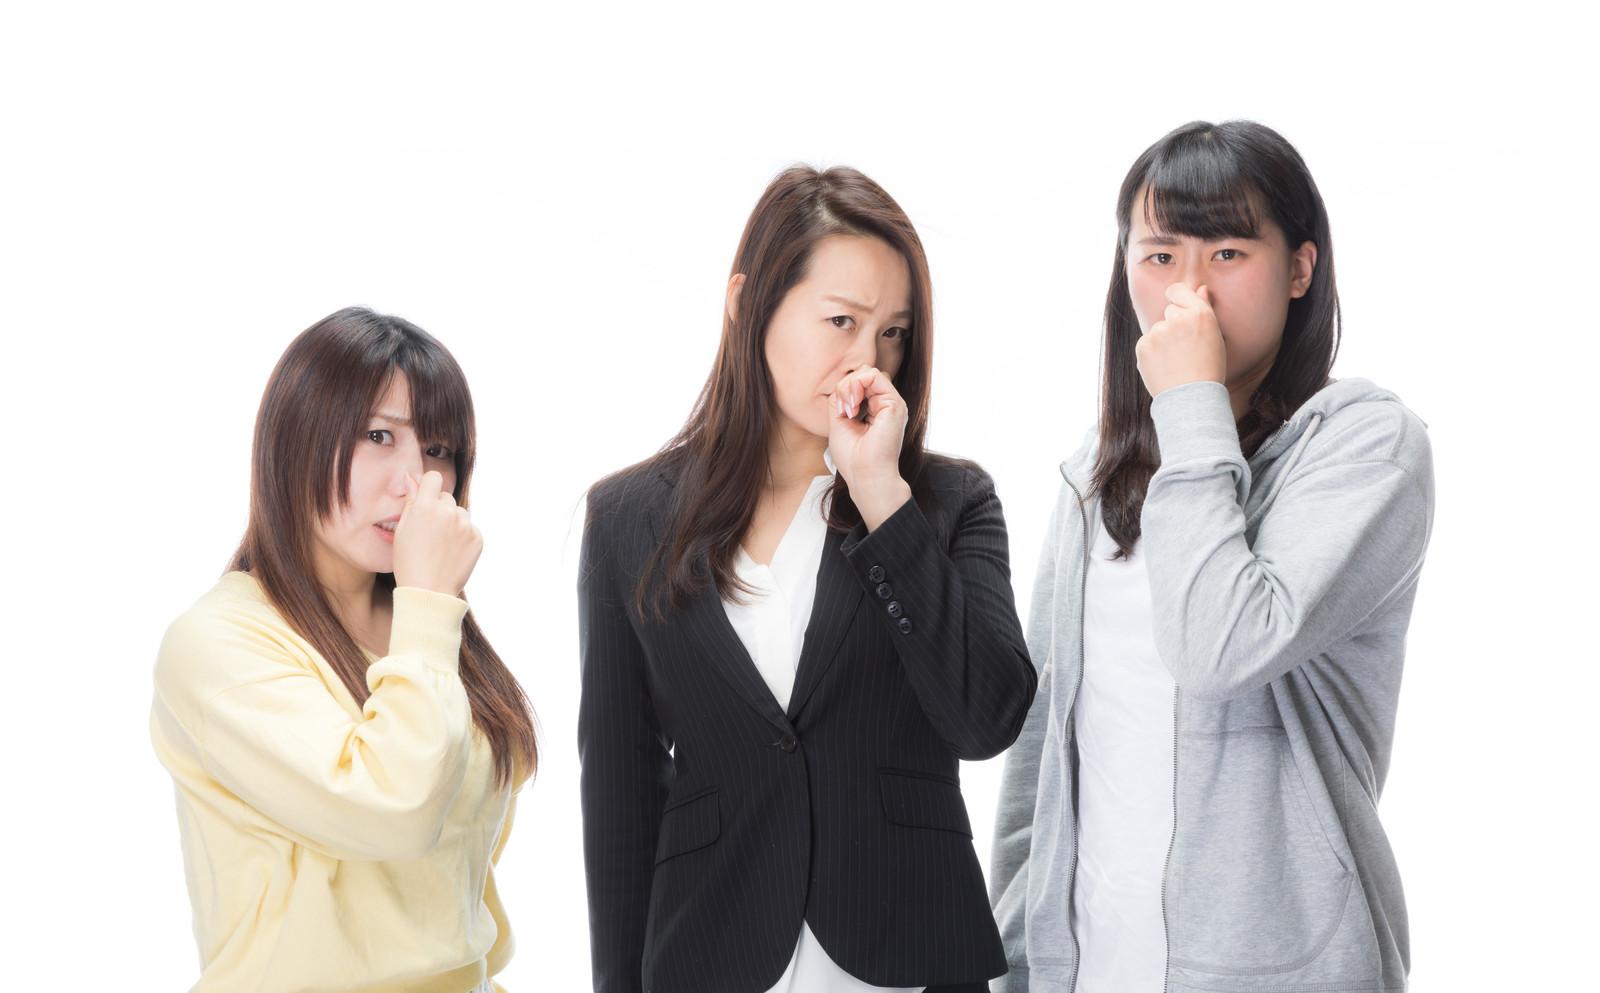 臭くて鼻をつまむ女性社員の画像